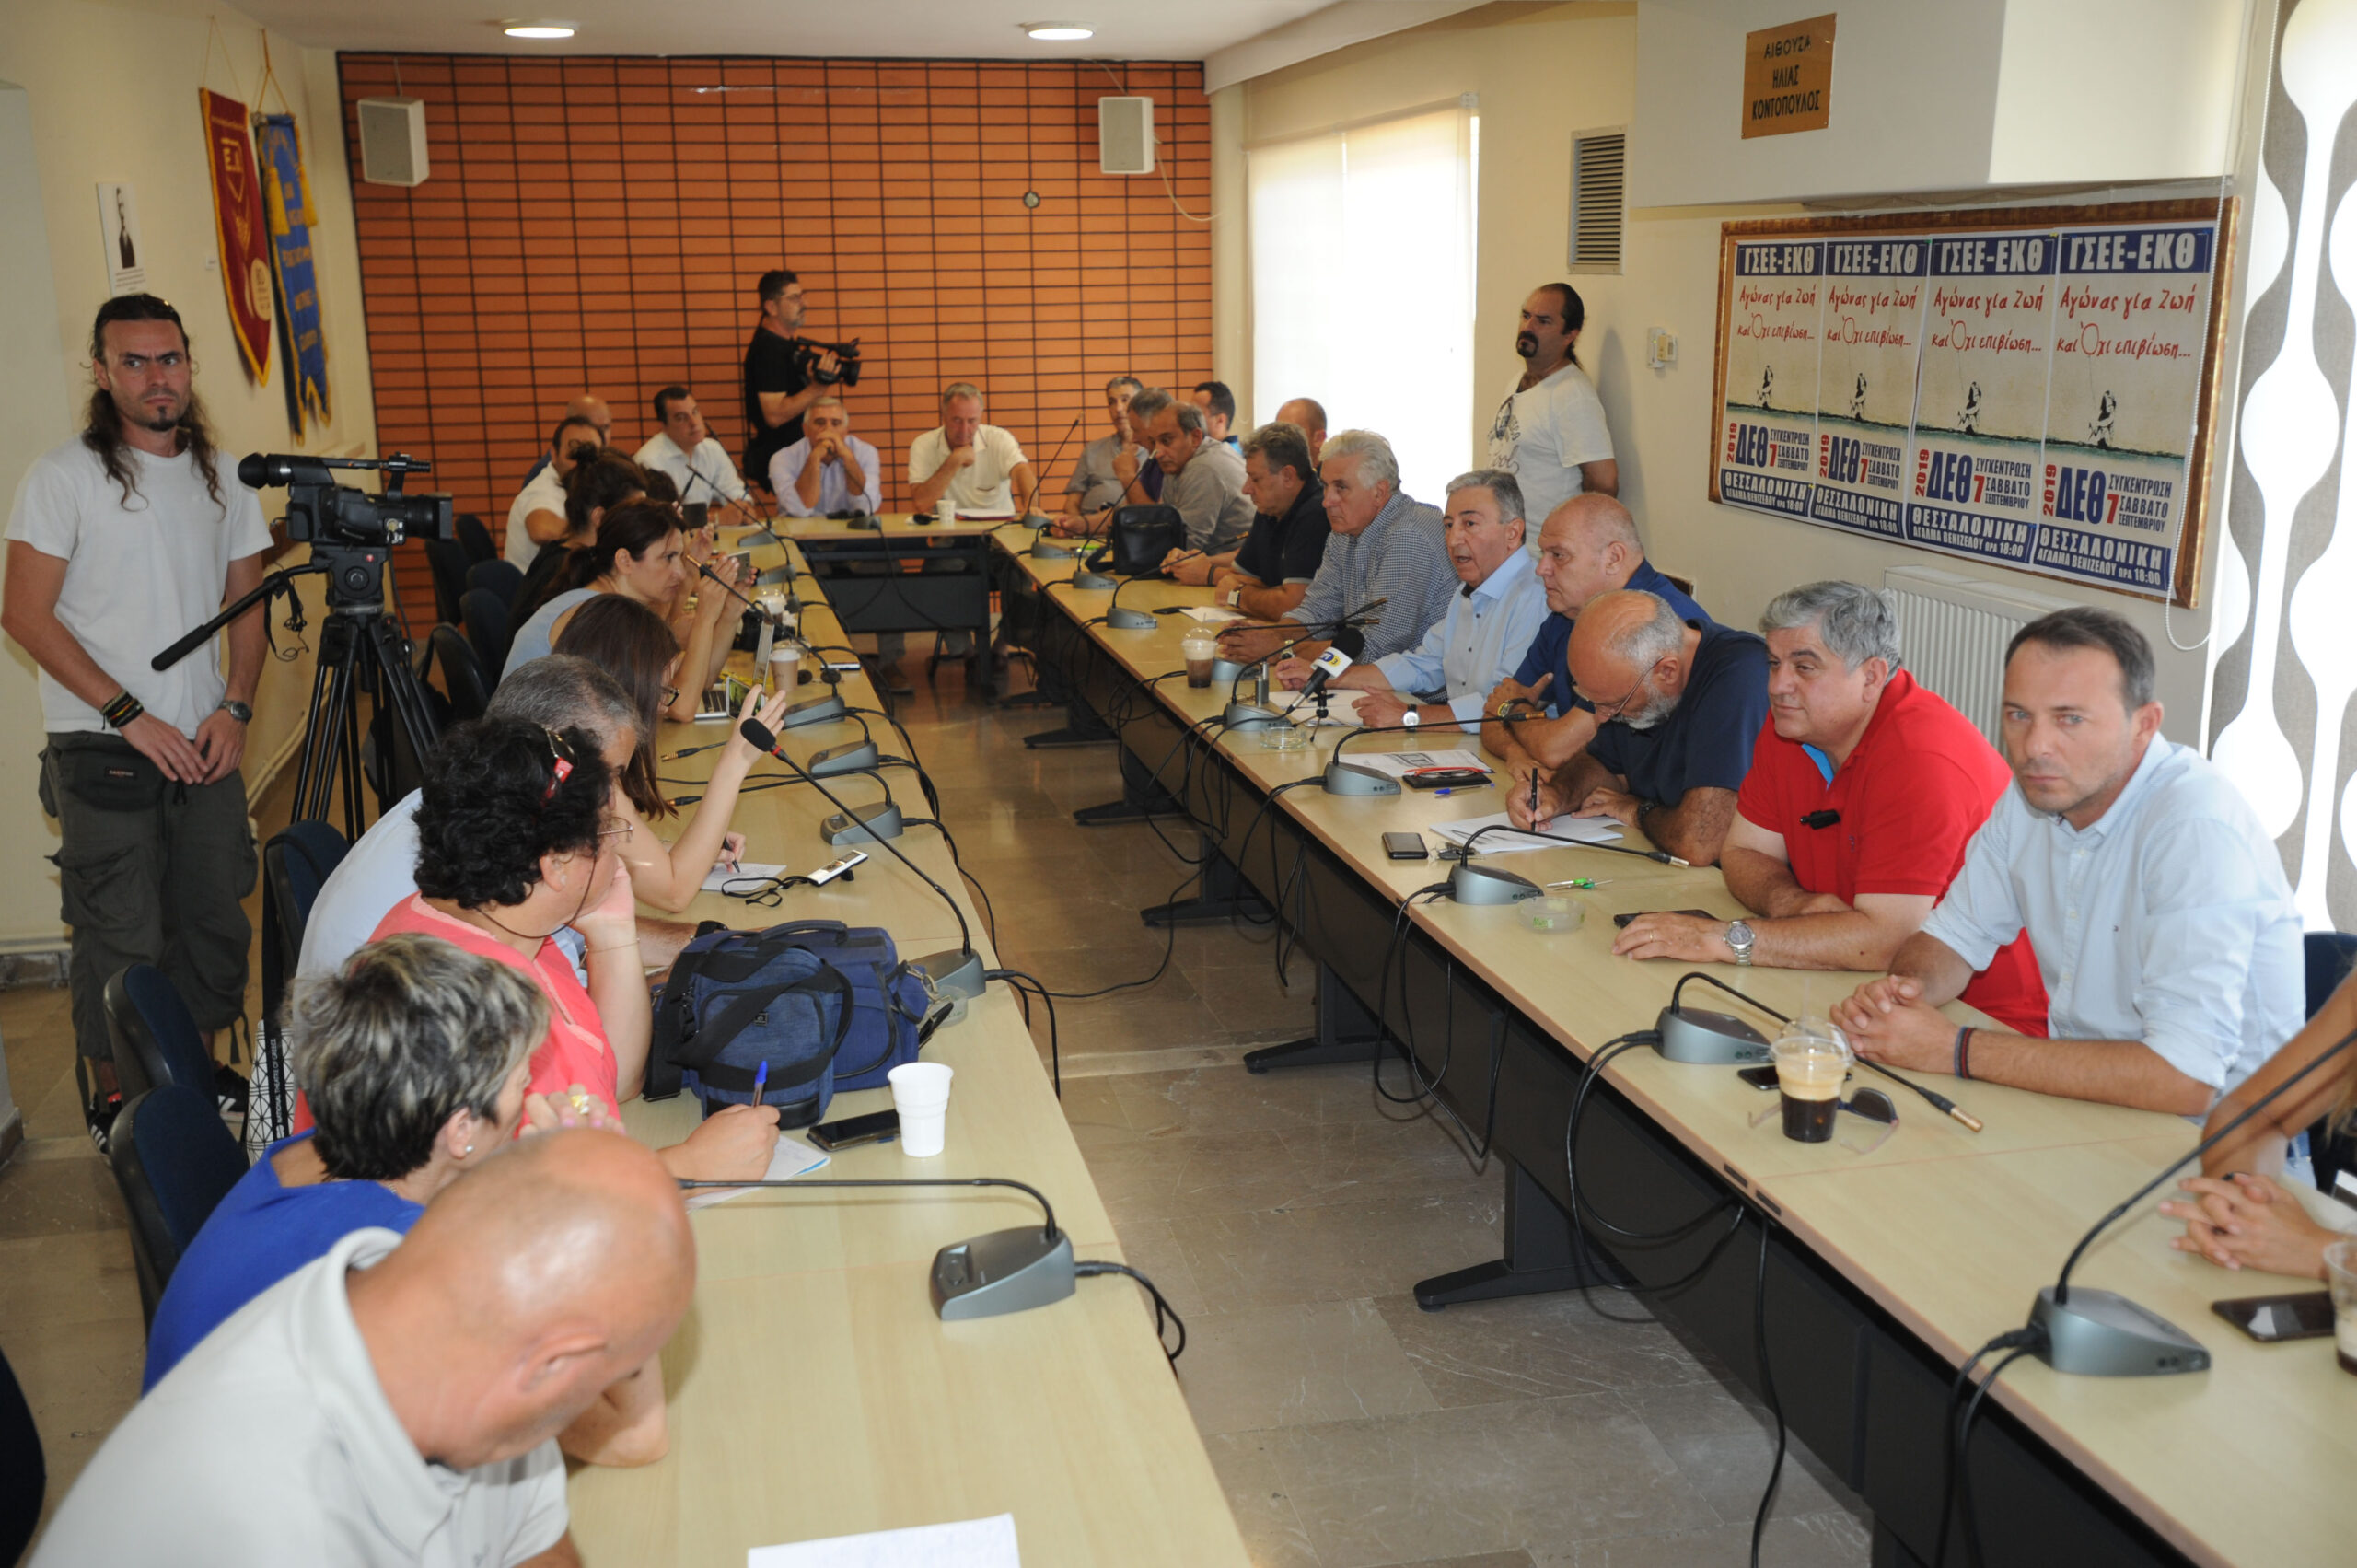 Δελτίο Τύπου – Ολοκληρώθηκε η σύσκεψη των Προέδρων των Εργατικών Κέντρων Β. Ελλάδας